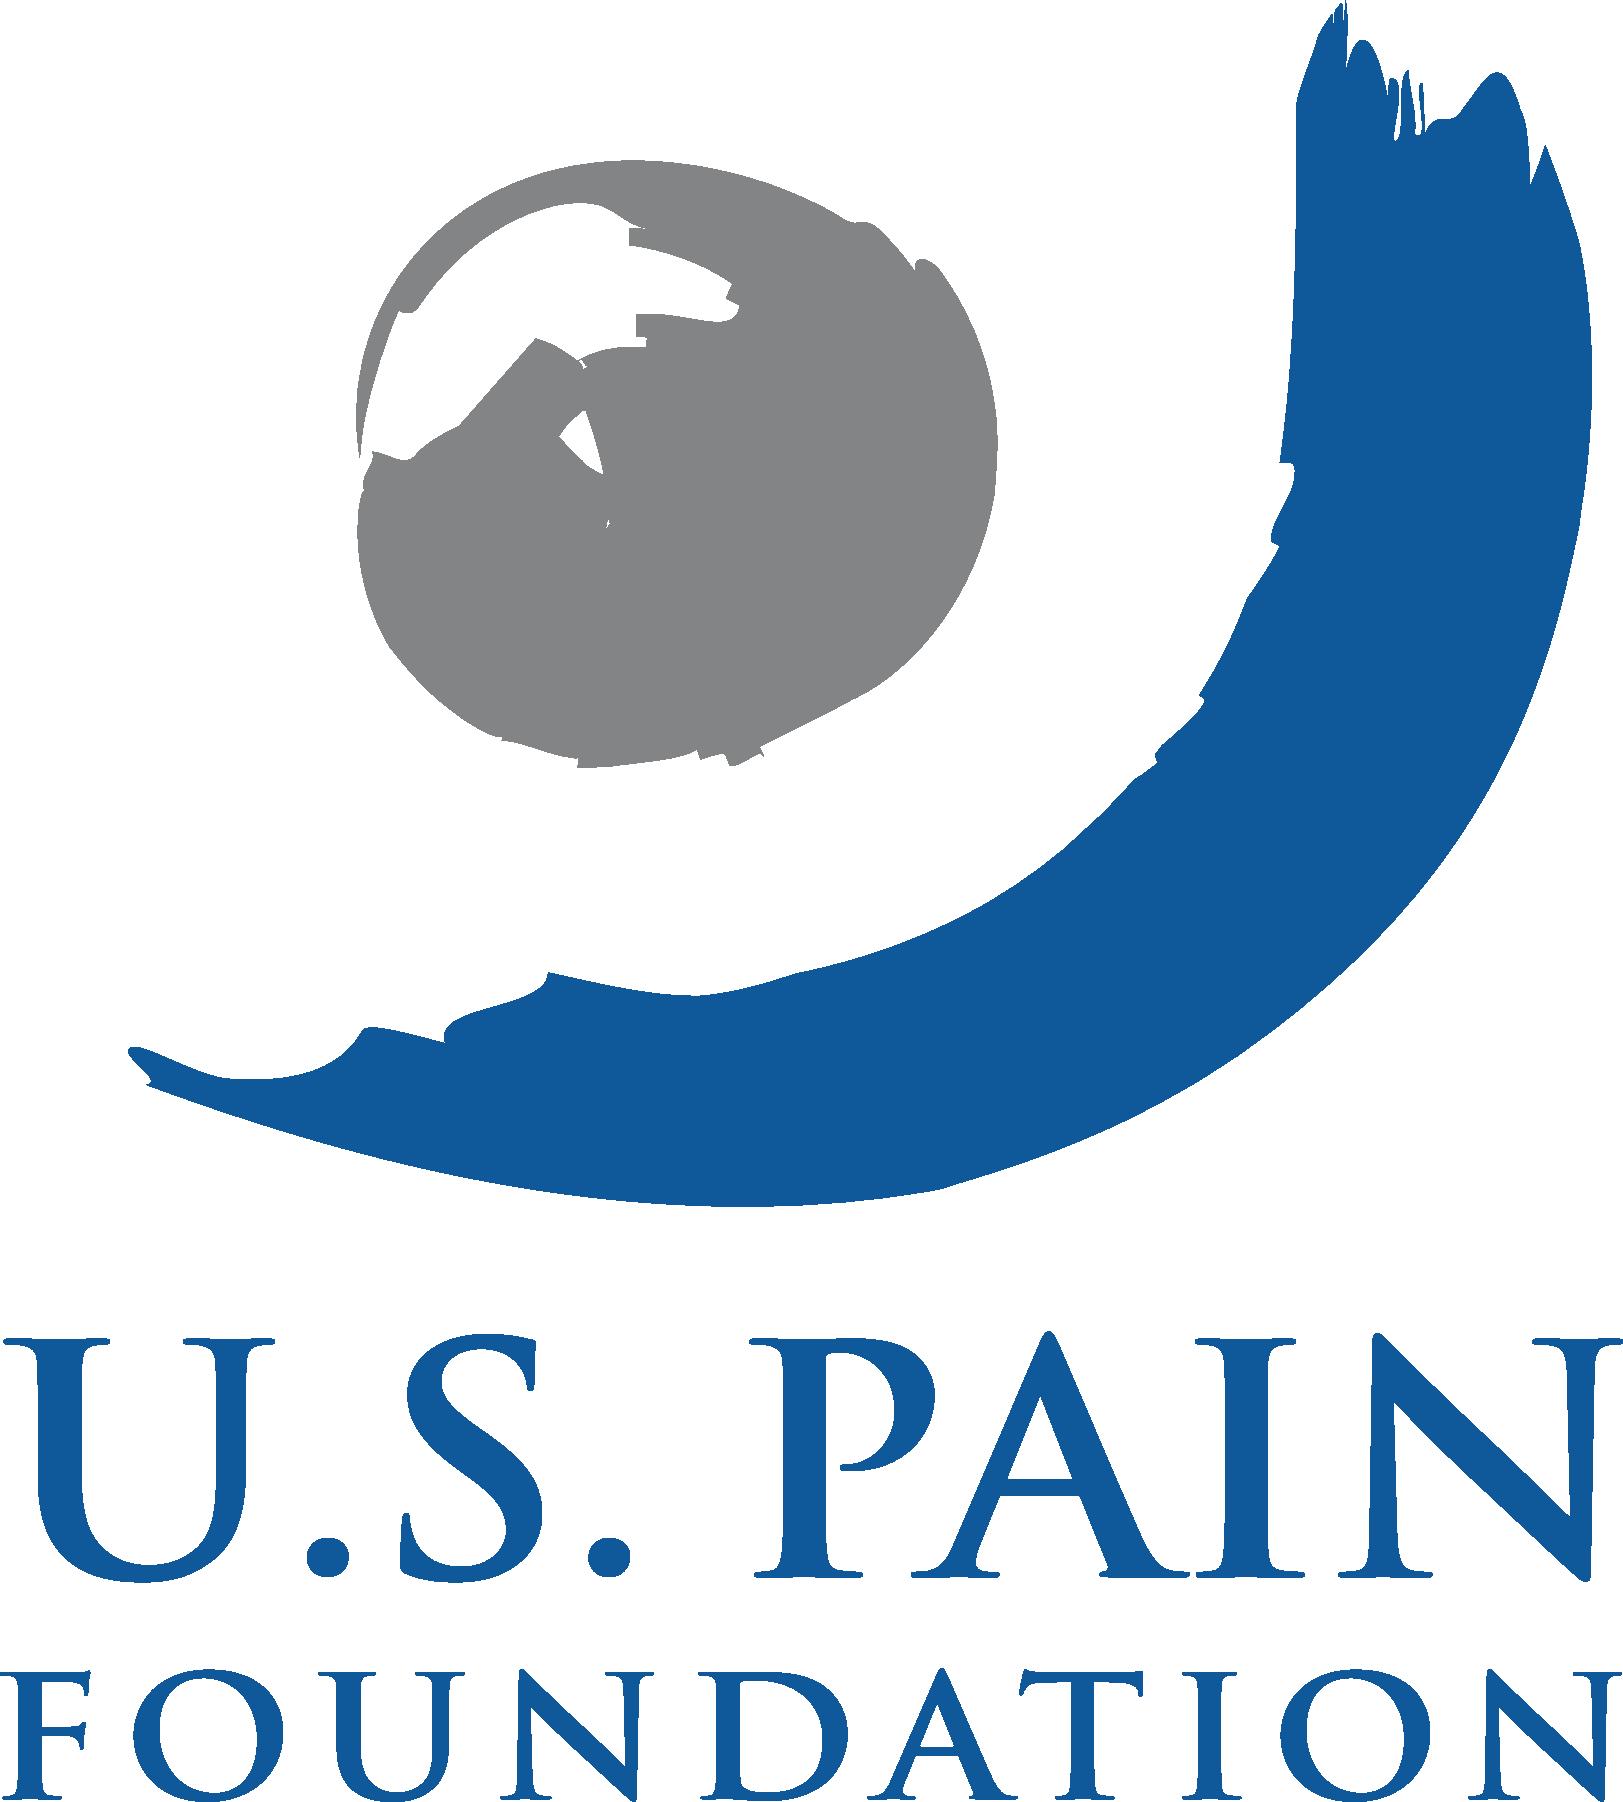 U.S. Pain Foundation logo